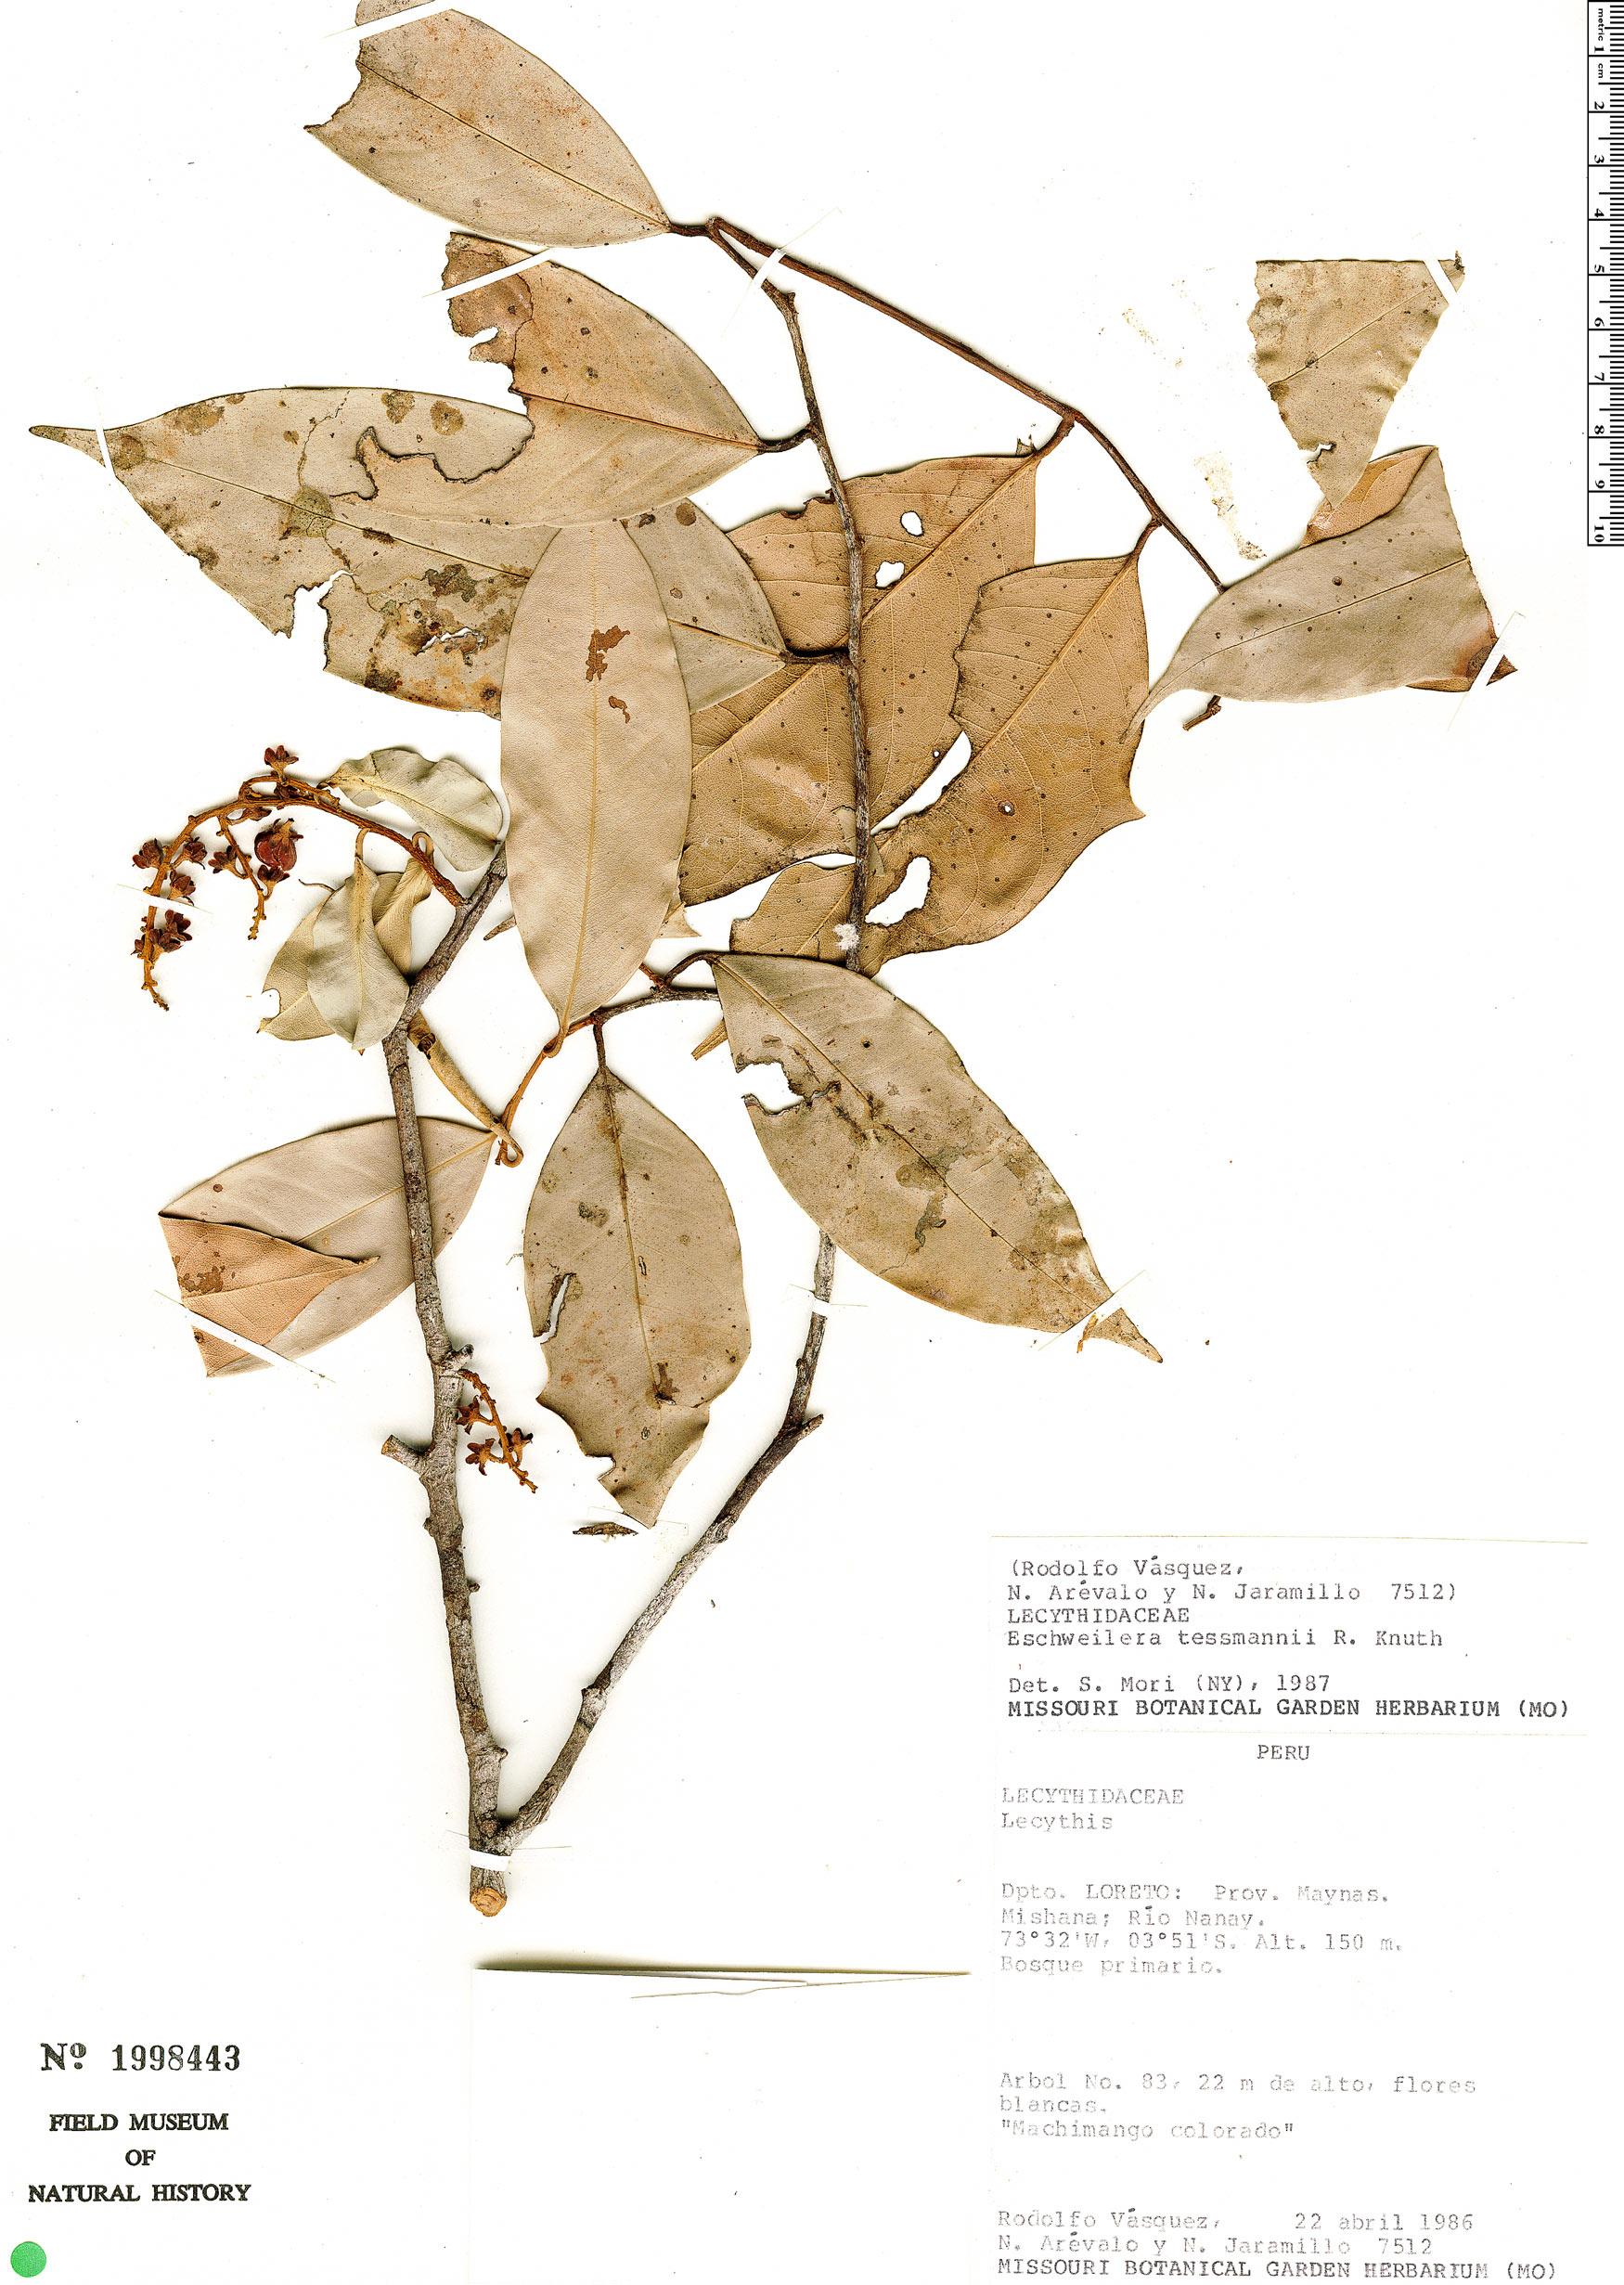 Espécimen: Eschweilera tessmannii